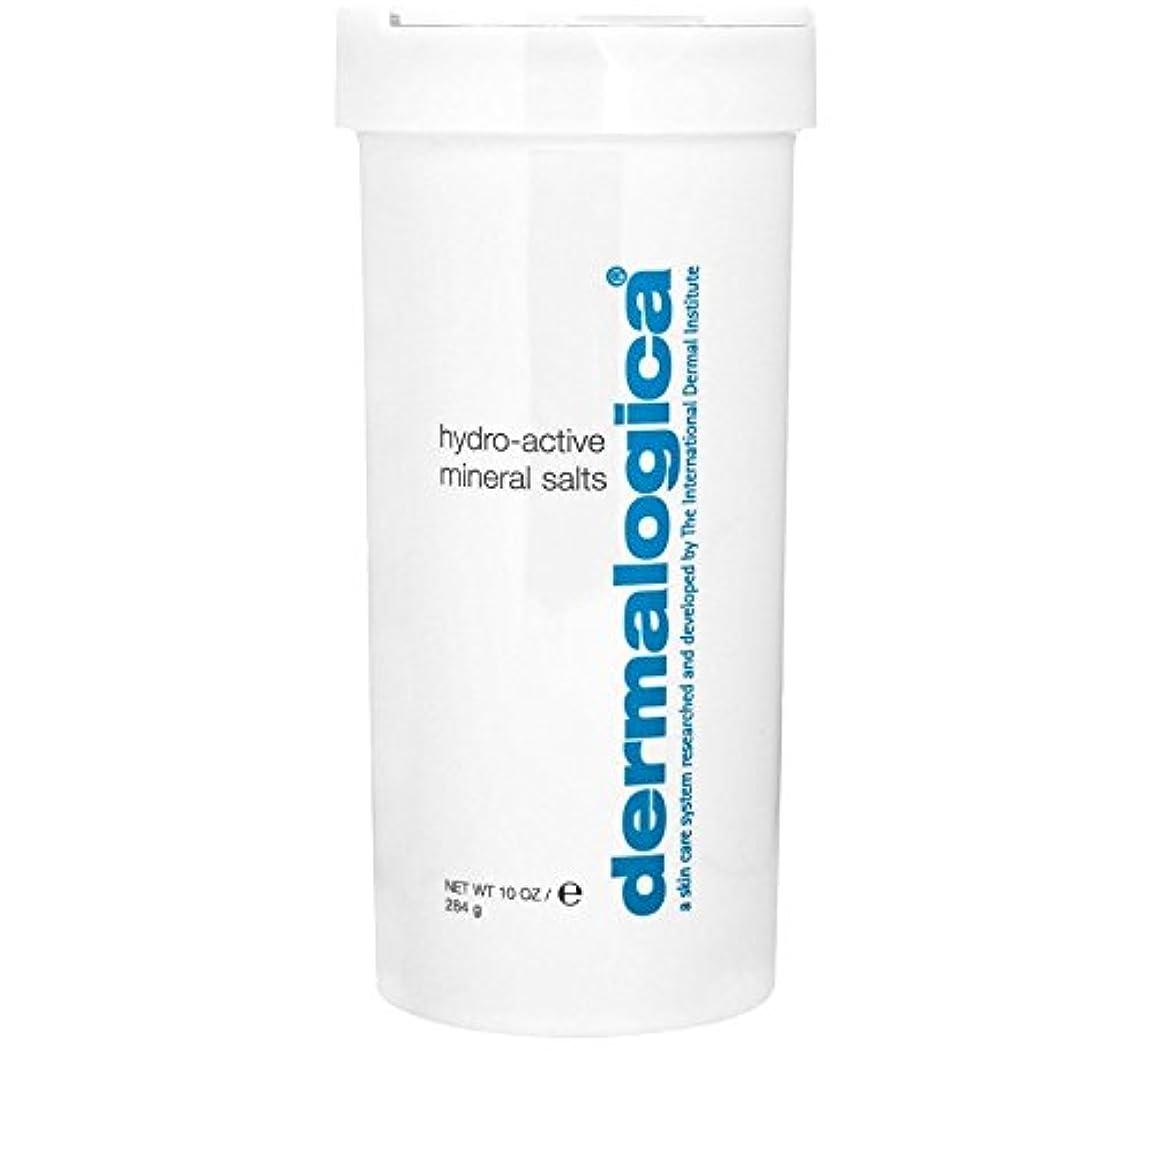 放棄するユーモアランクDermalogica Hydro Active Mineral Salt 284g - ダーマロジカ水力アクティブミネラル塩284グラム [並行輸入品]